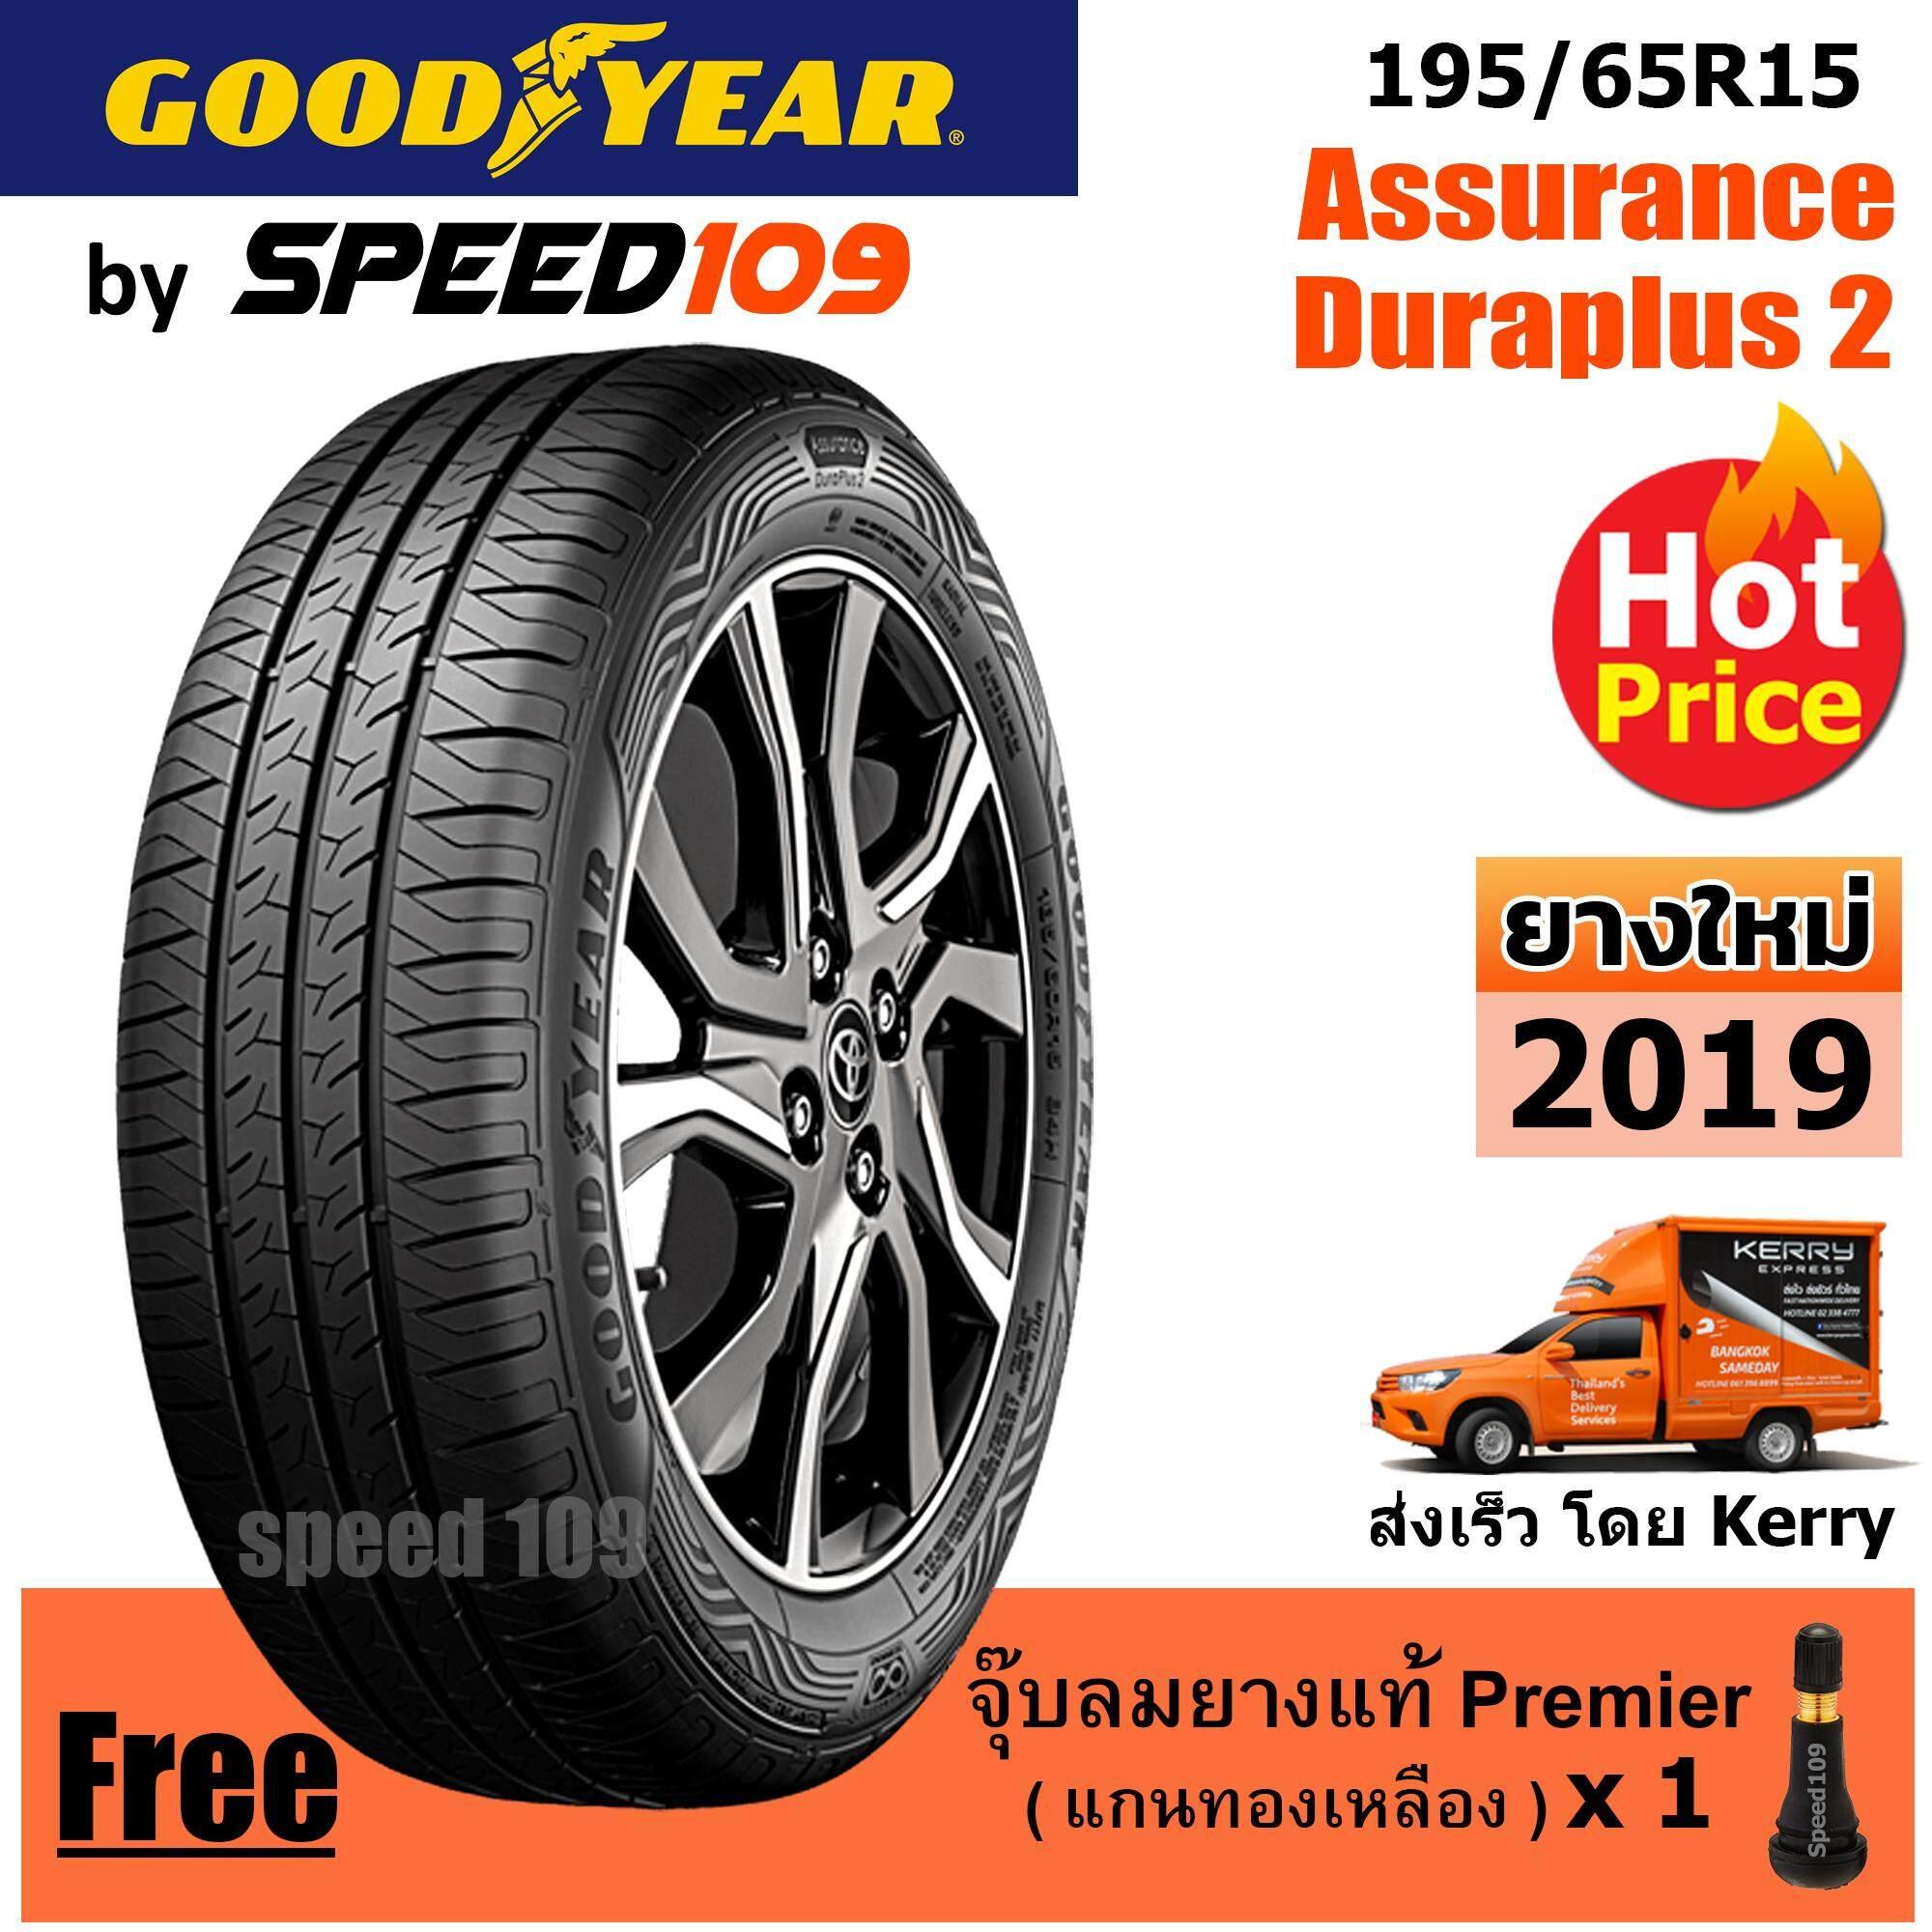 ประกันภัย รถยนต์ 3 พลัส ราคา ถูก พัทลุง GOODYEAR  ยางรถยนต์ ขอบ 15 ขนาด 195/65R15 รุ่น Assurance Duraplus 2 - 1 เส้น (ปี 2019)